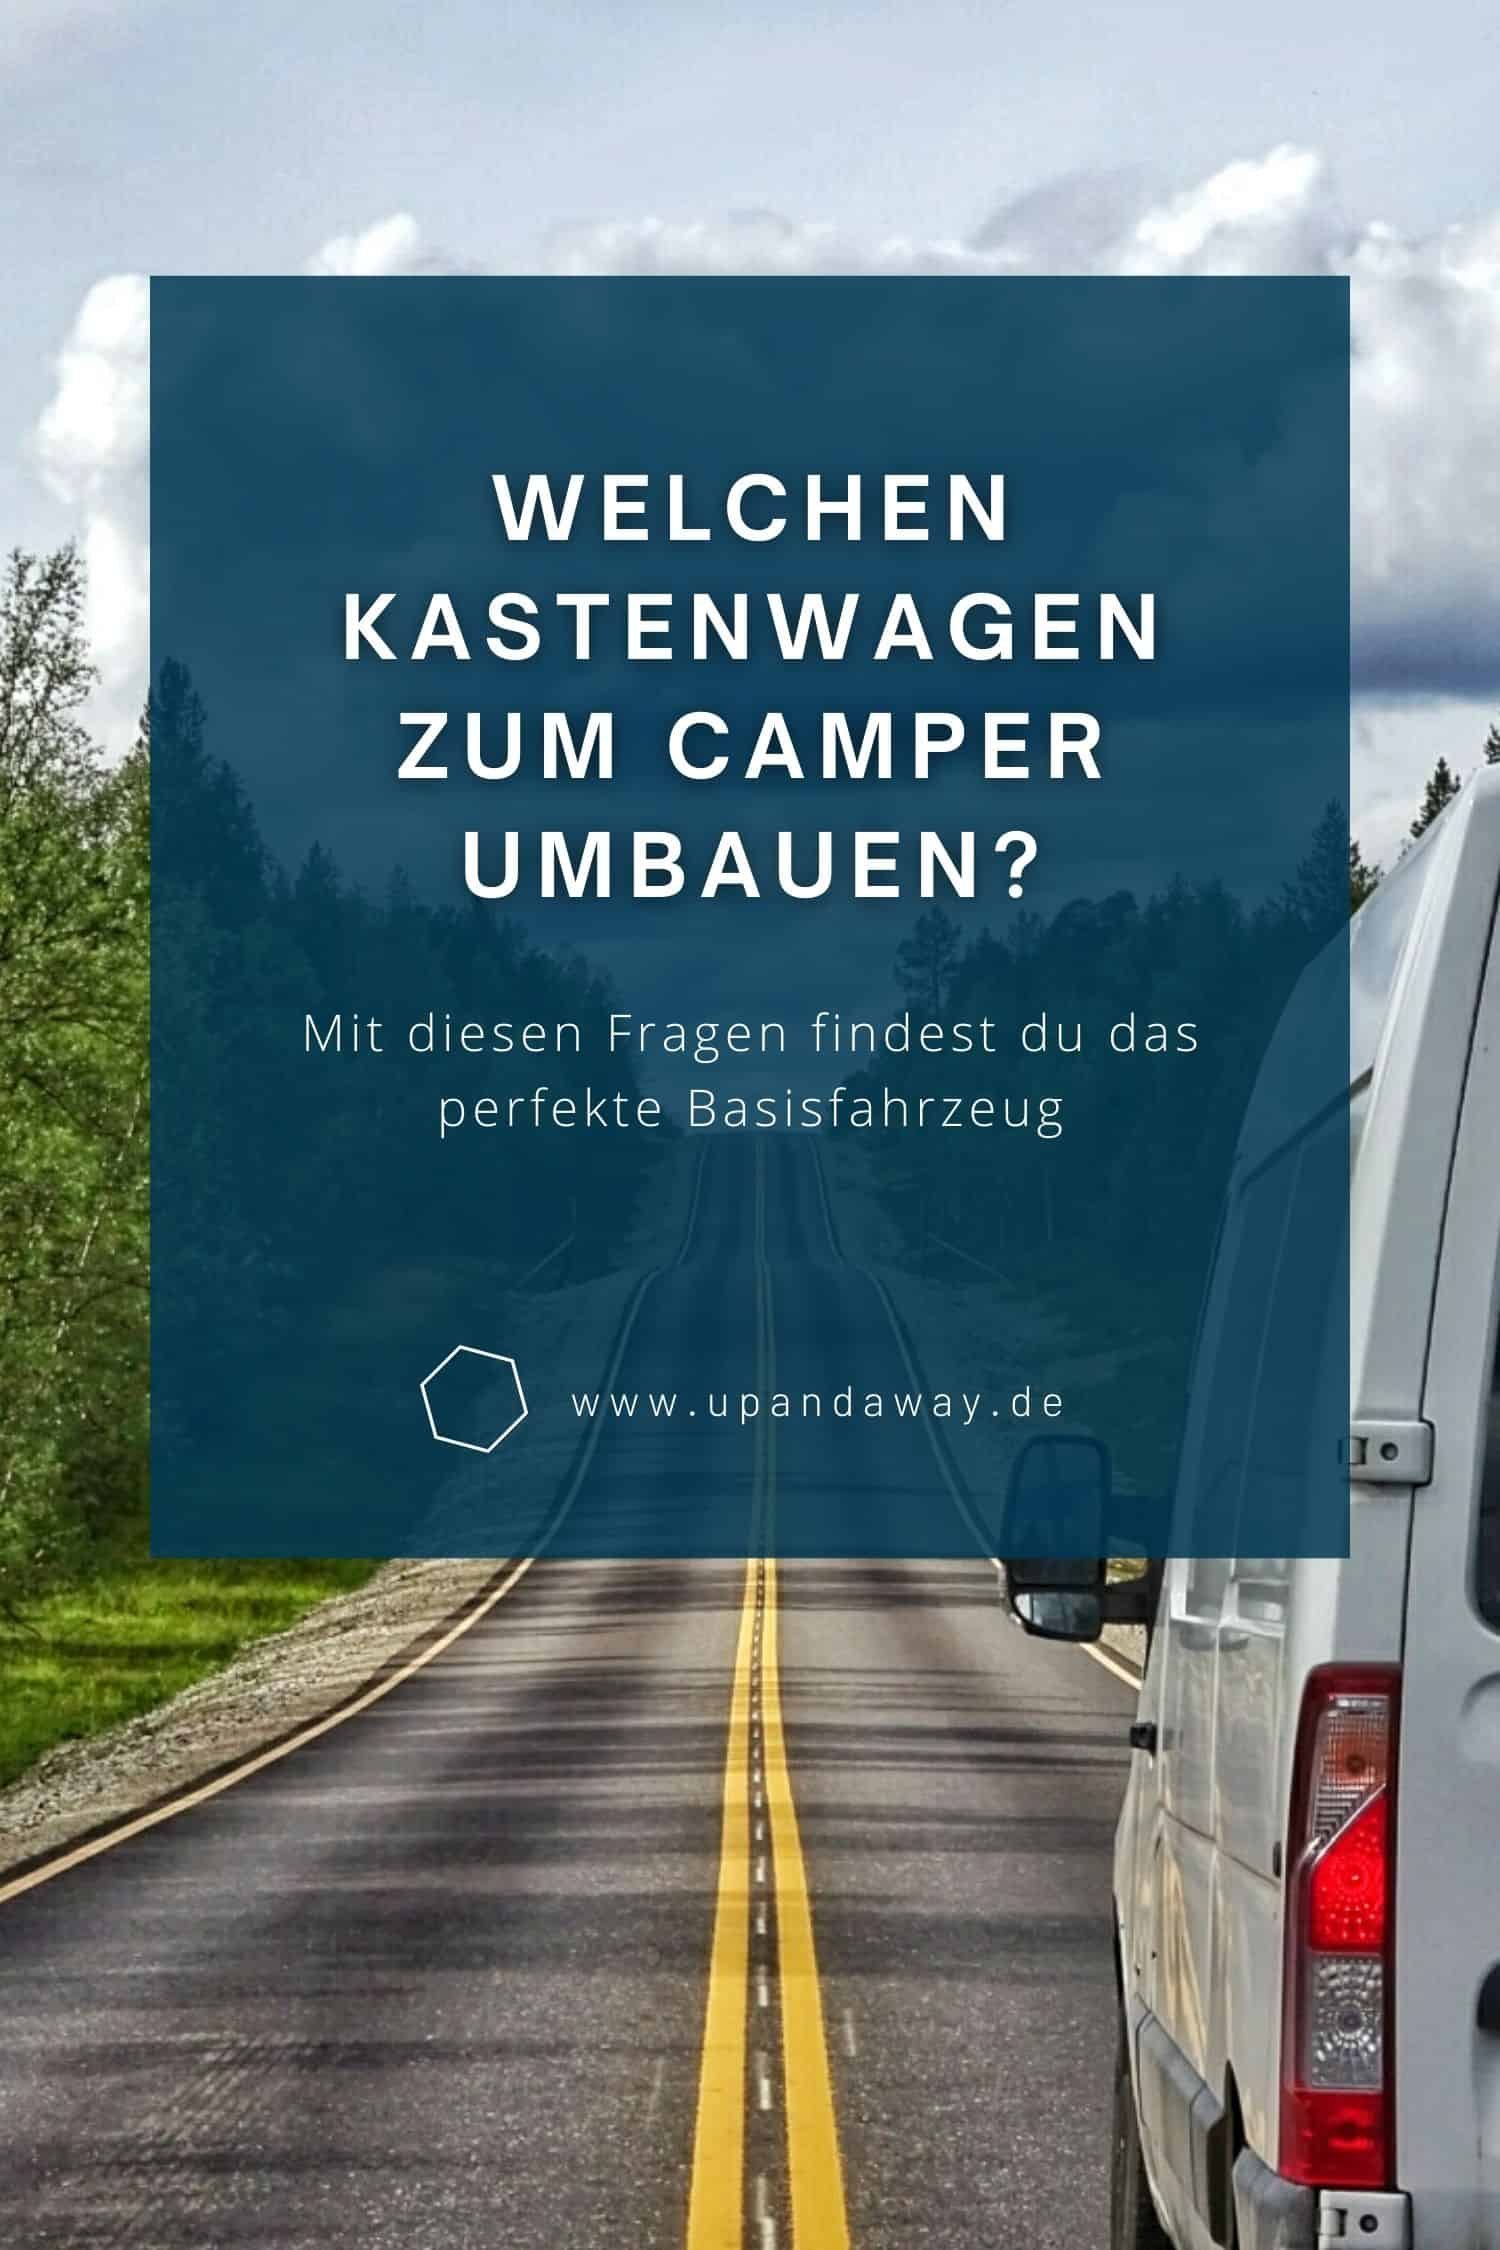 Welchen Transporter zum Wohnmobil umbauen?